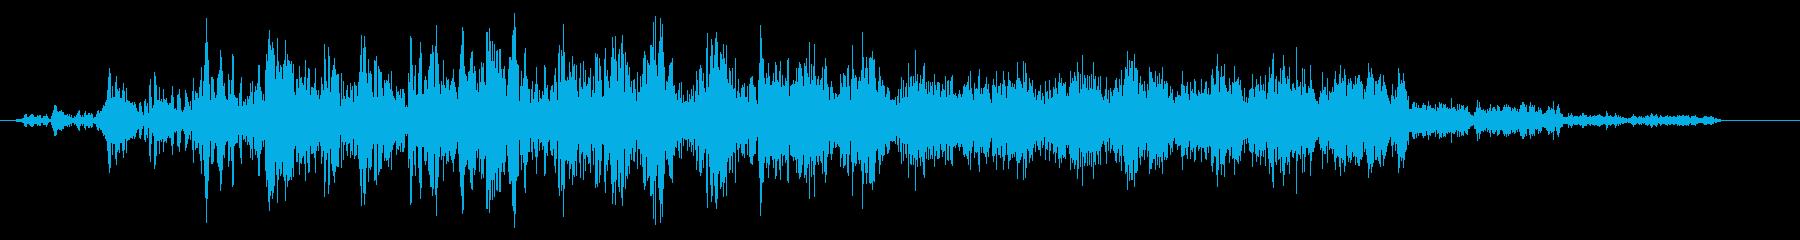 空間をループし異次元への再生済みの波形